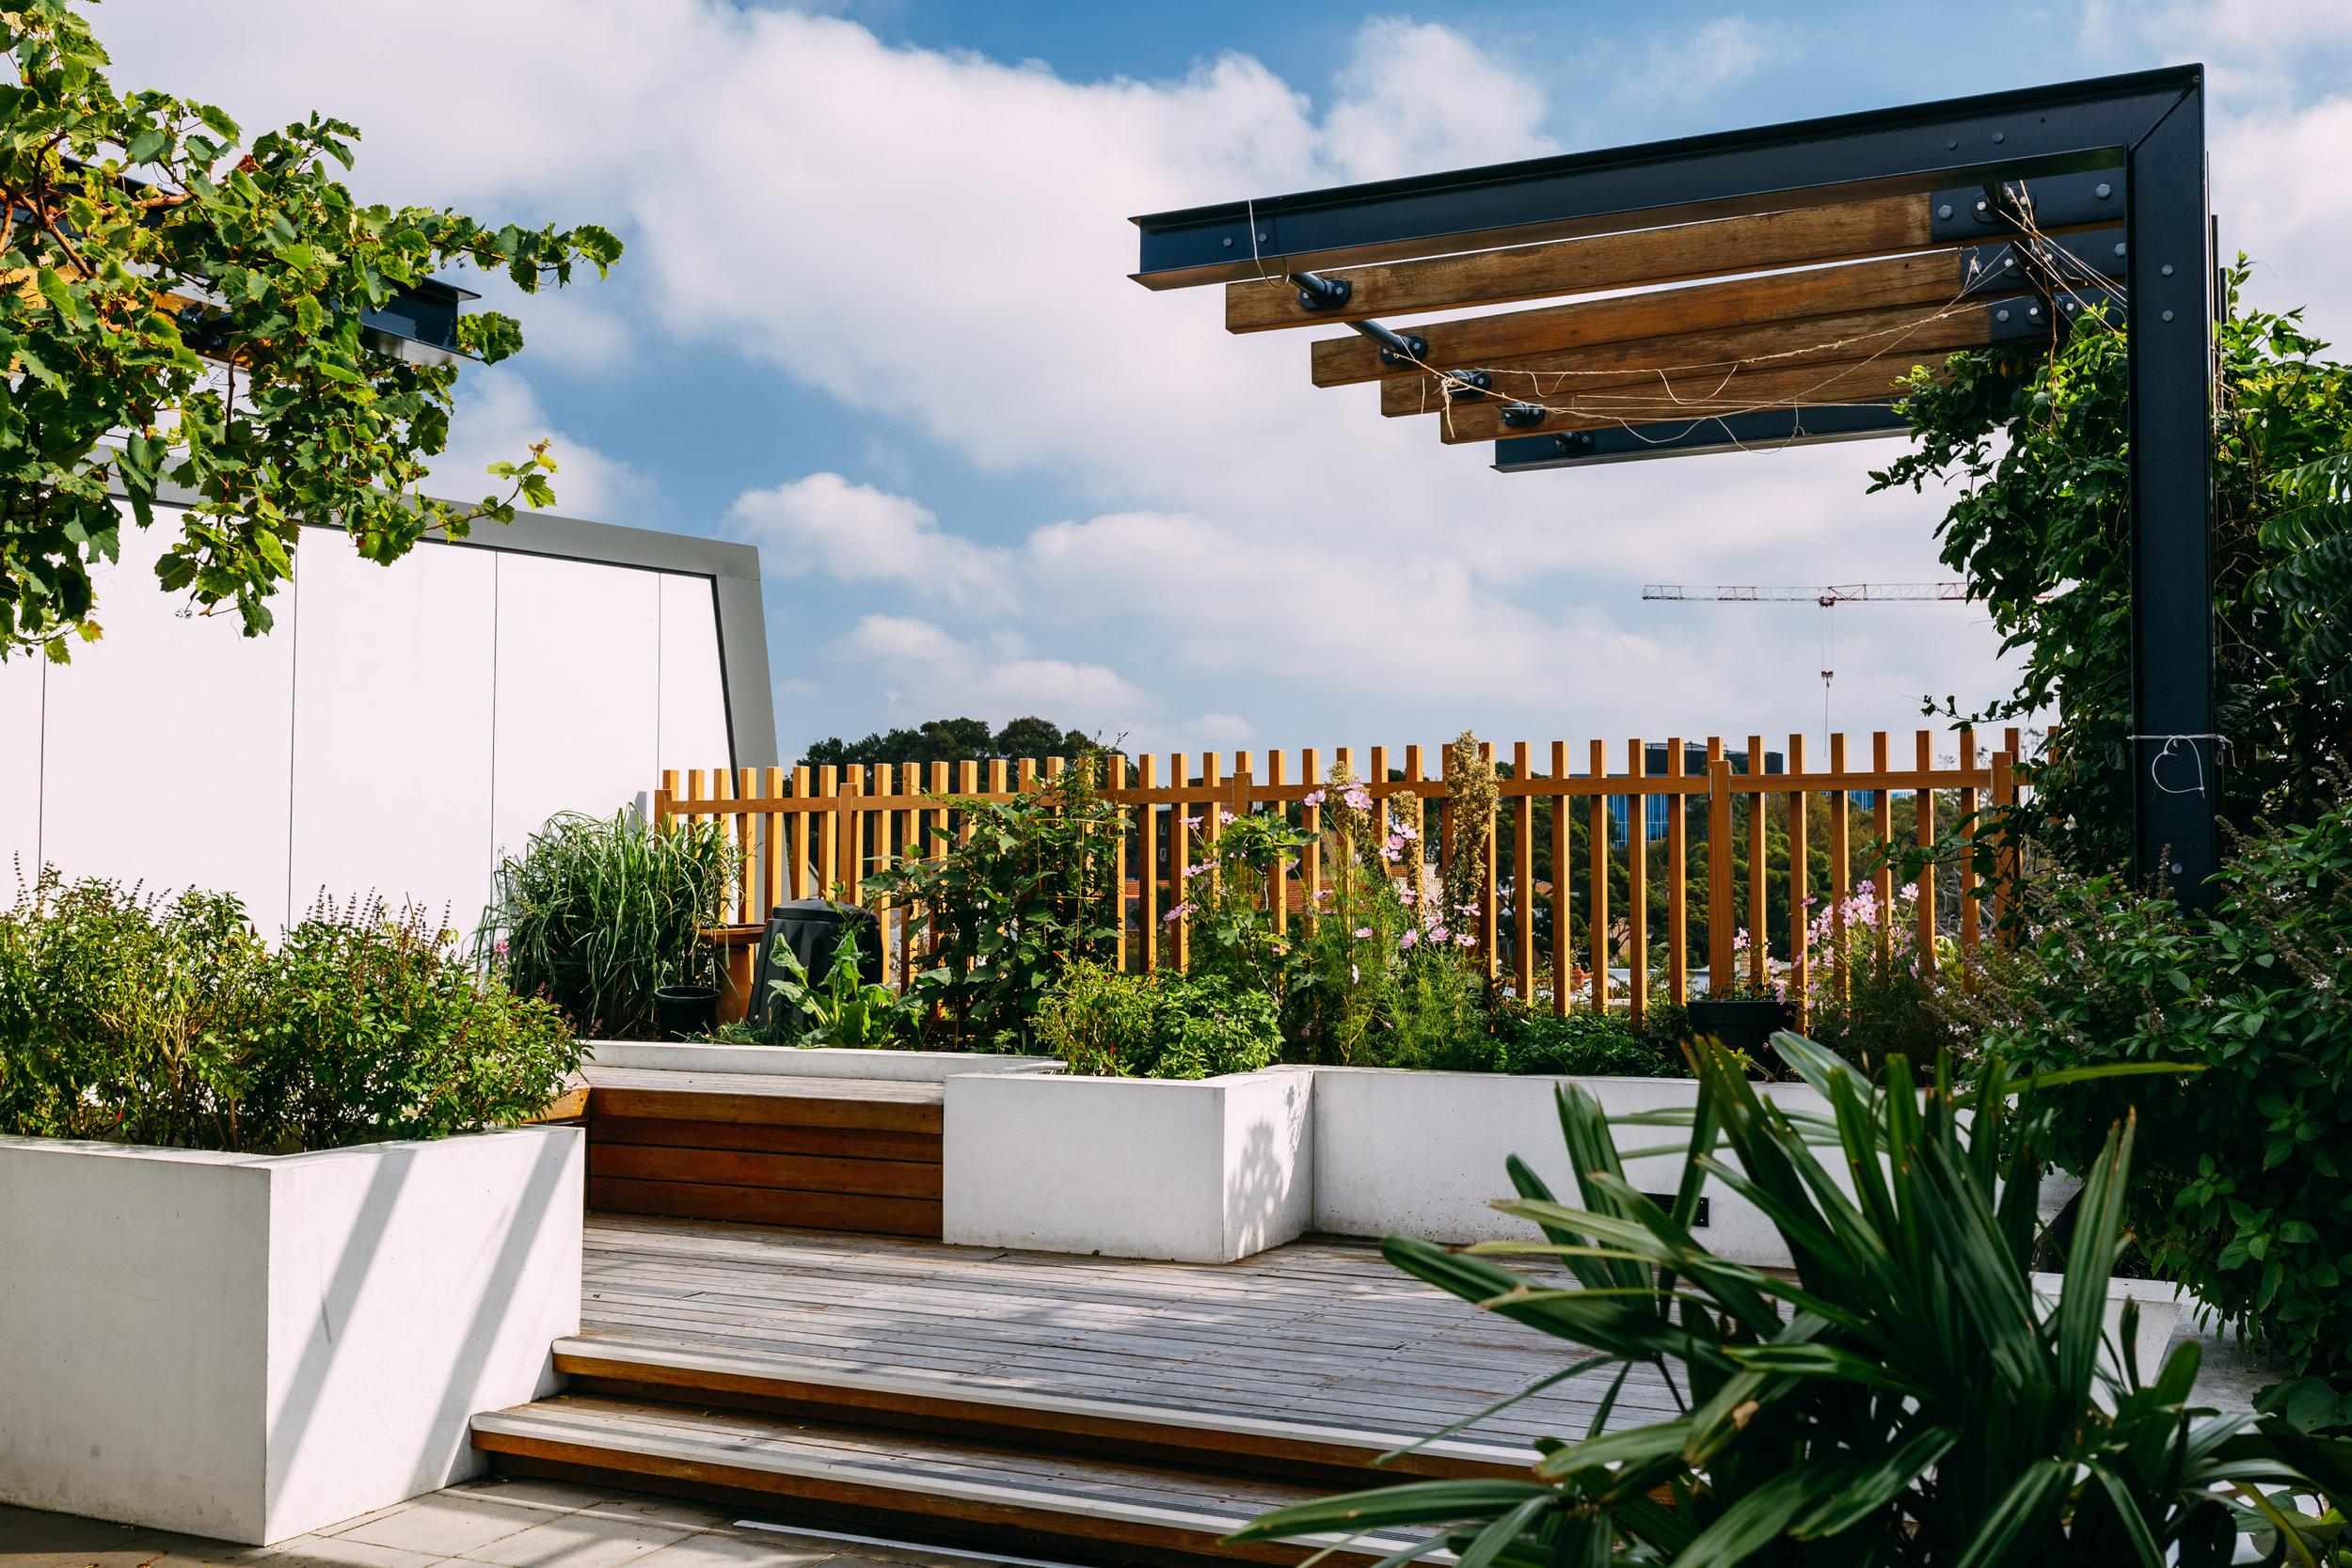 cwh_buildings_01010.jpg